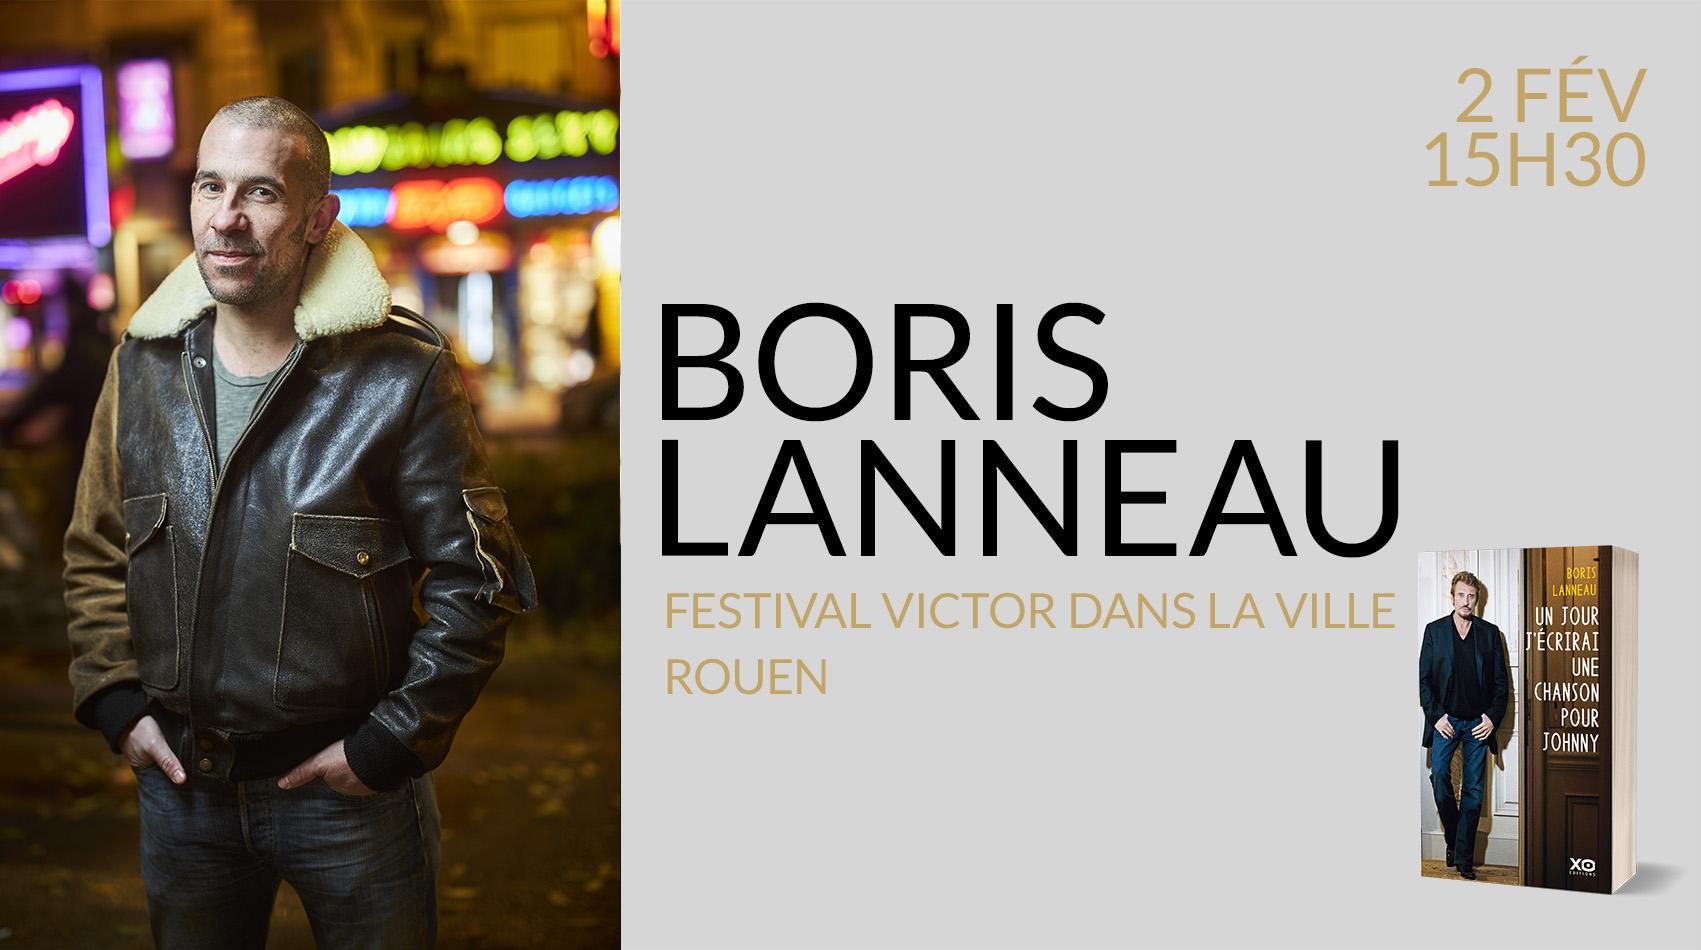 BORIS LANNEAU AU FESTIVAL VICTOR DANS LA VILLE DE ROUEN